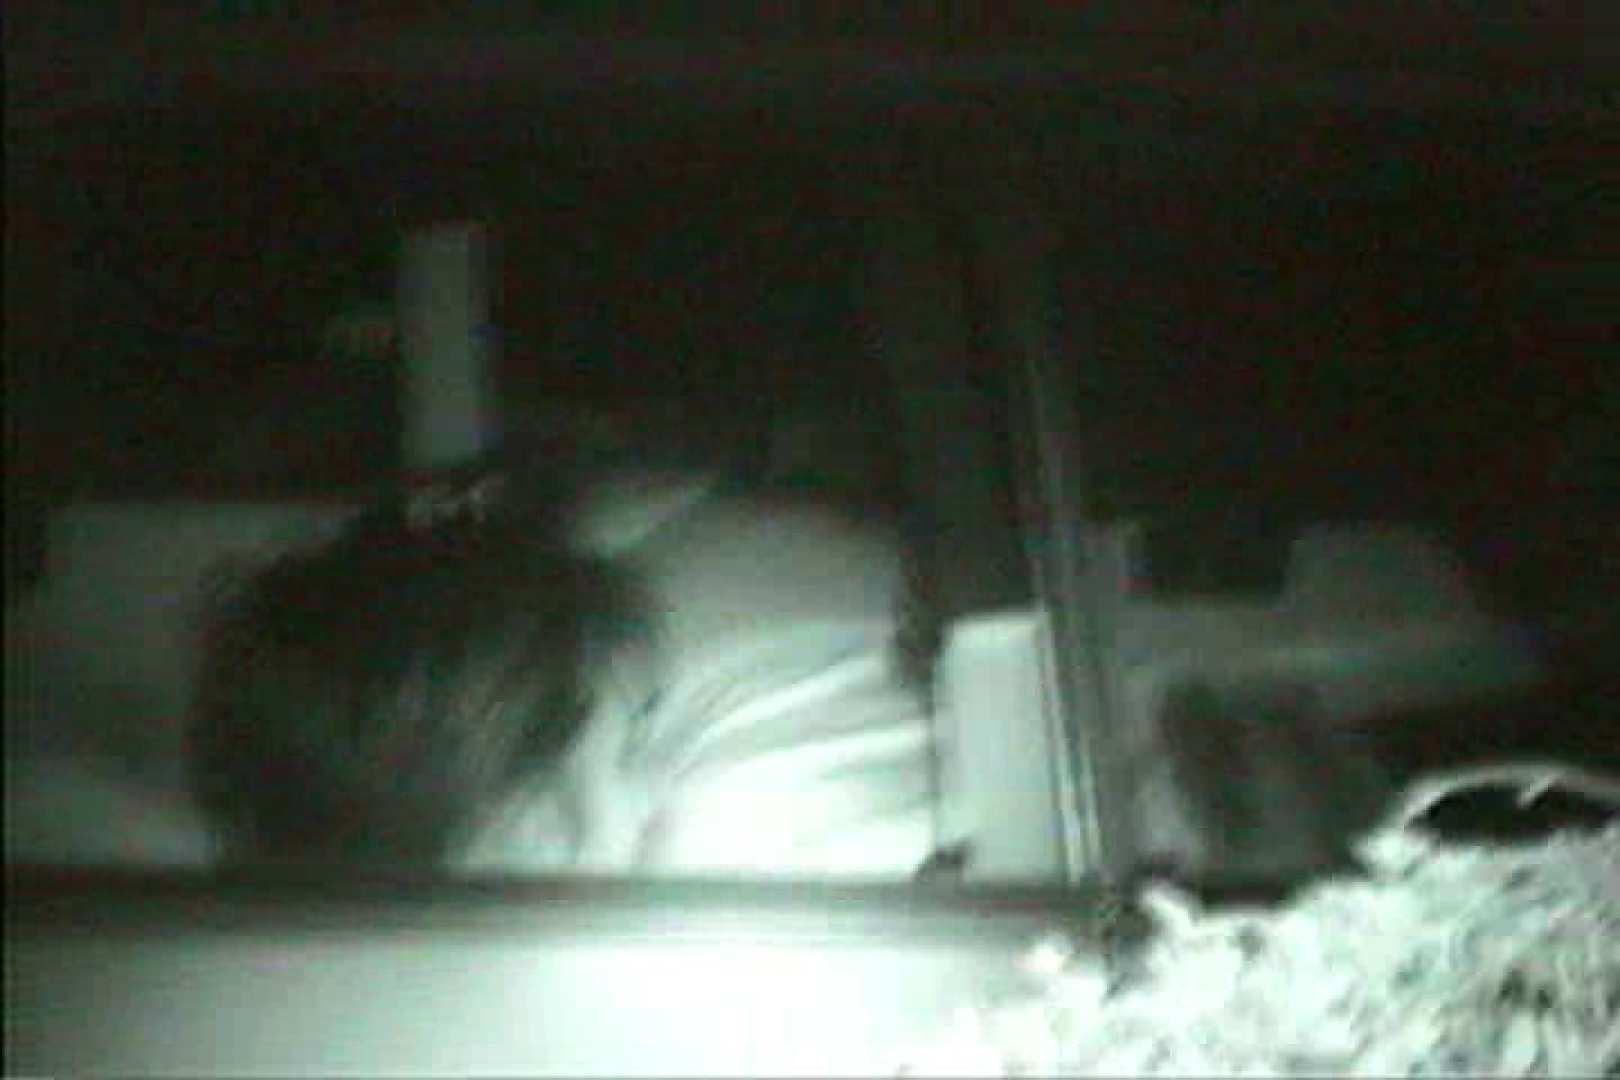 車の中はラブホテル 無修正版  Vol.28 カップル 盗撮画像 99pic 99